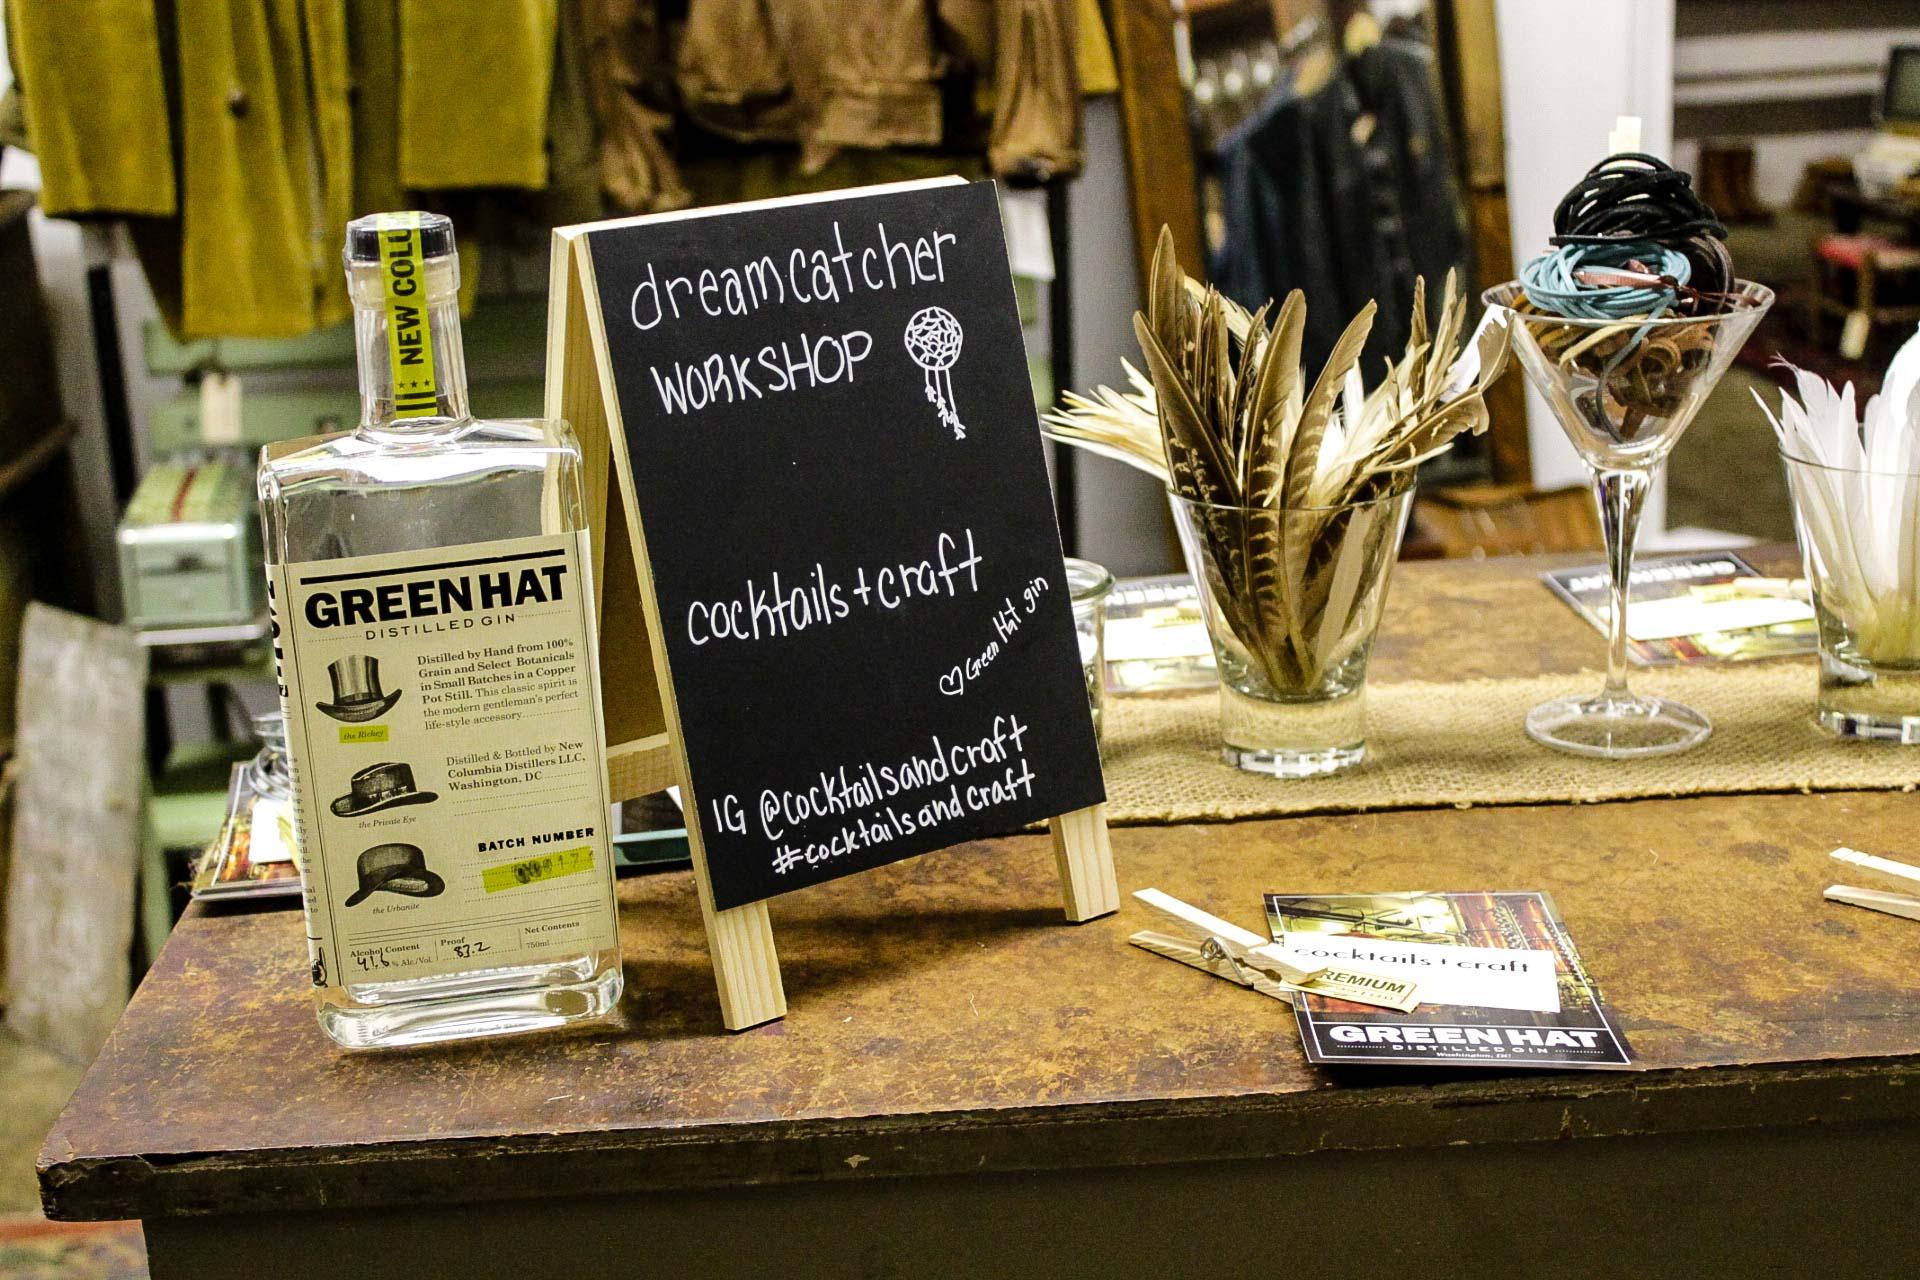 dreamcatcher-workshop-green-hat-gin